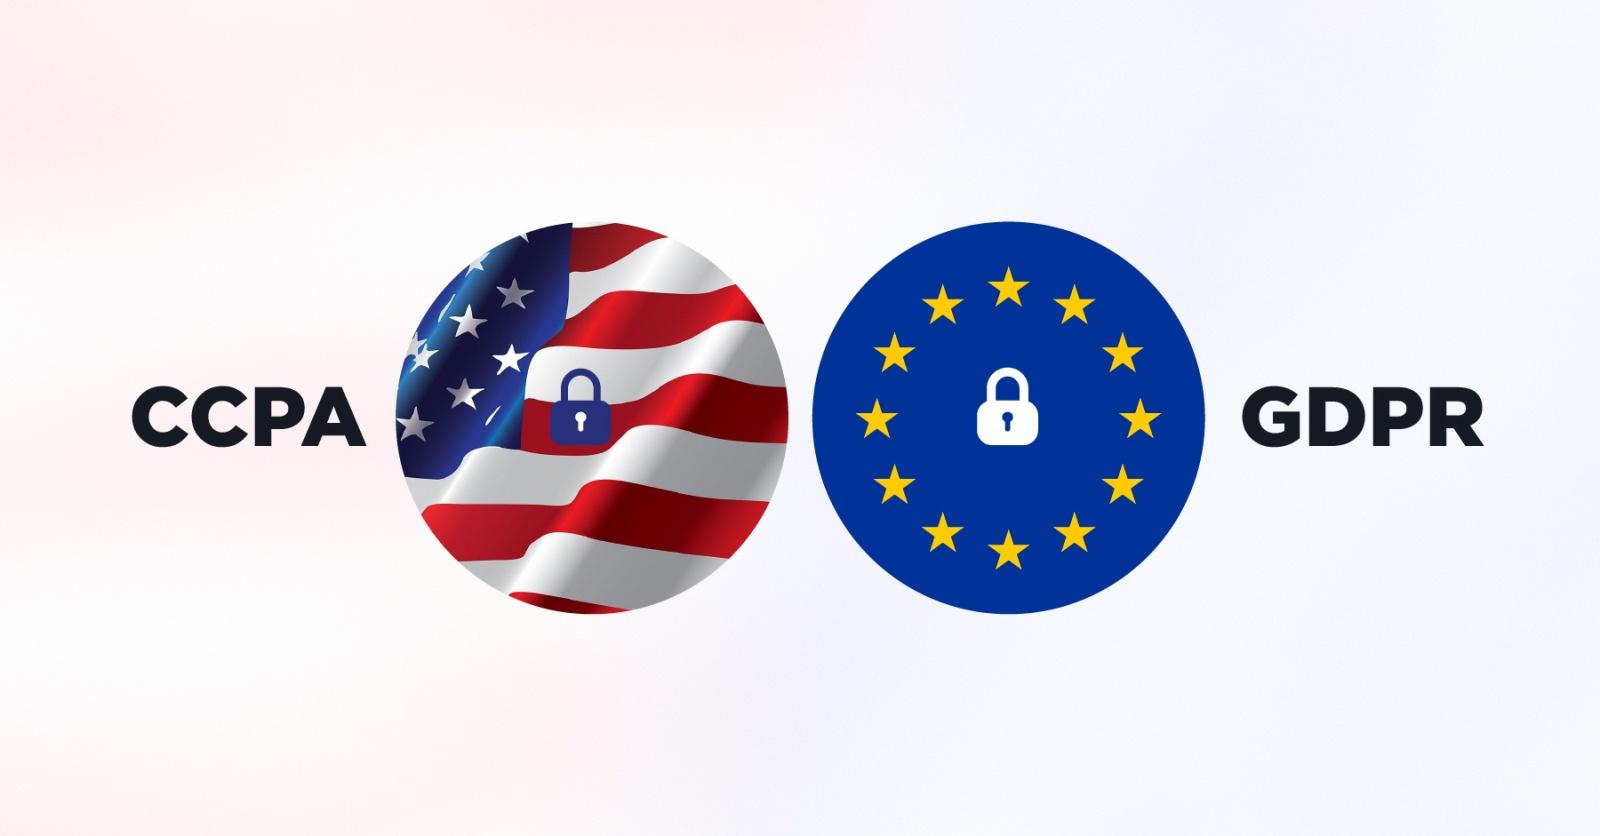 Защита данных пользователя: как добавить поддержку правил CCPA и GDPR в мобильное приложение - 1